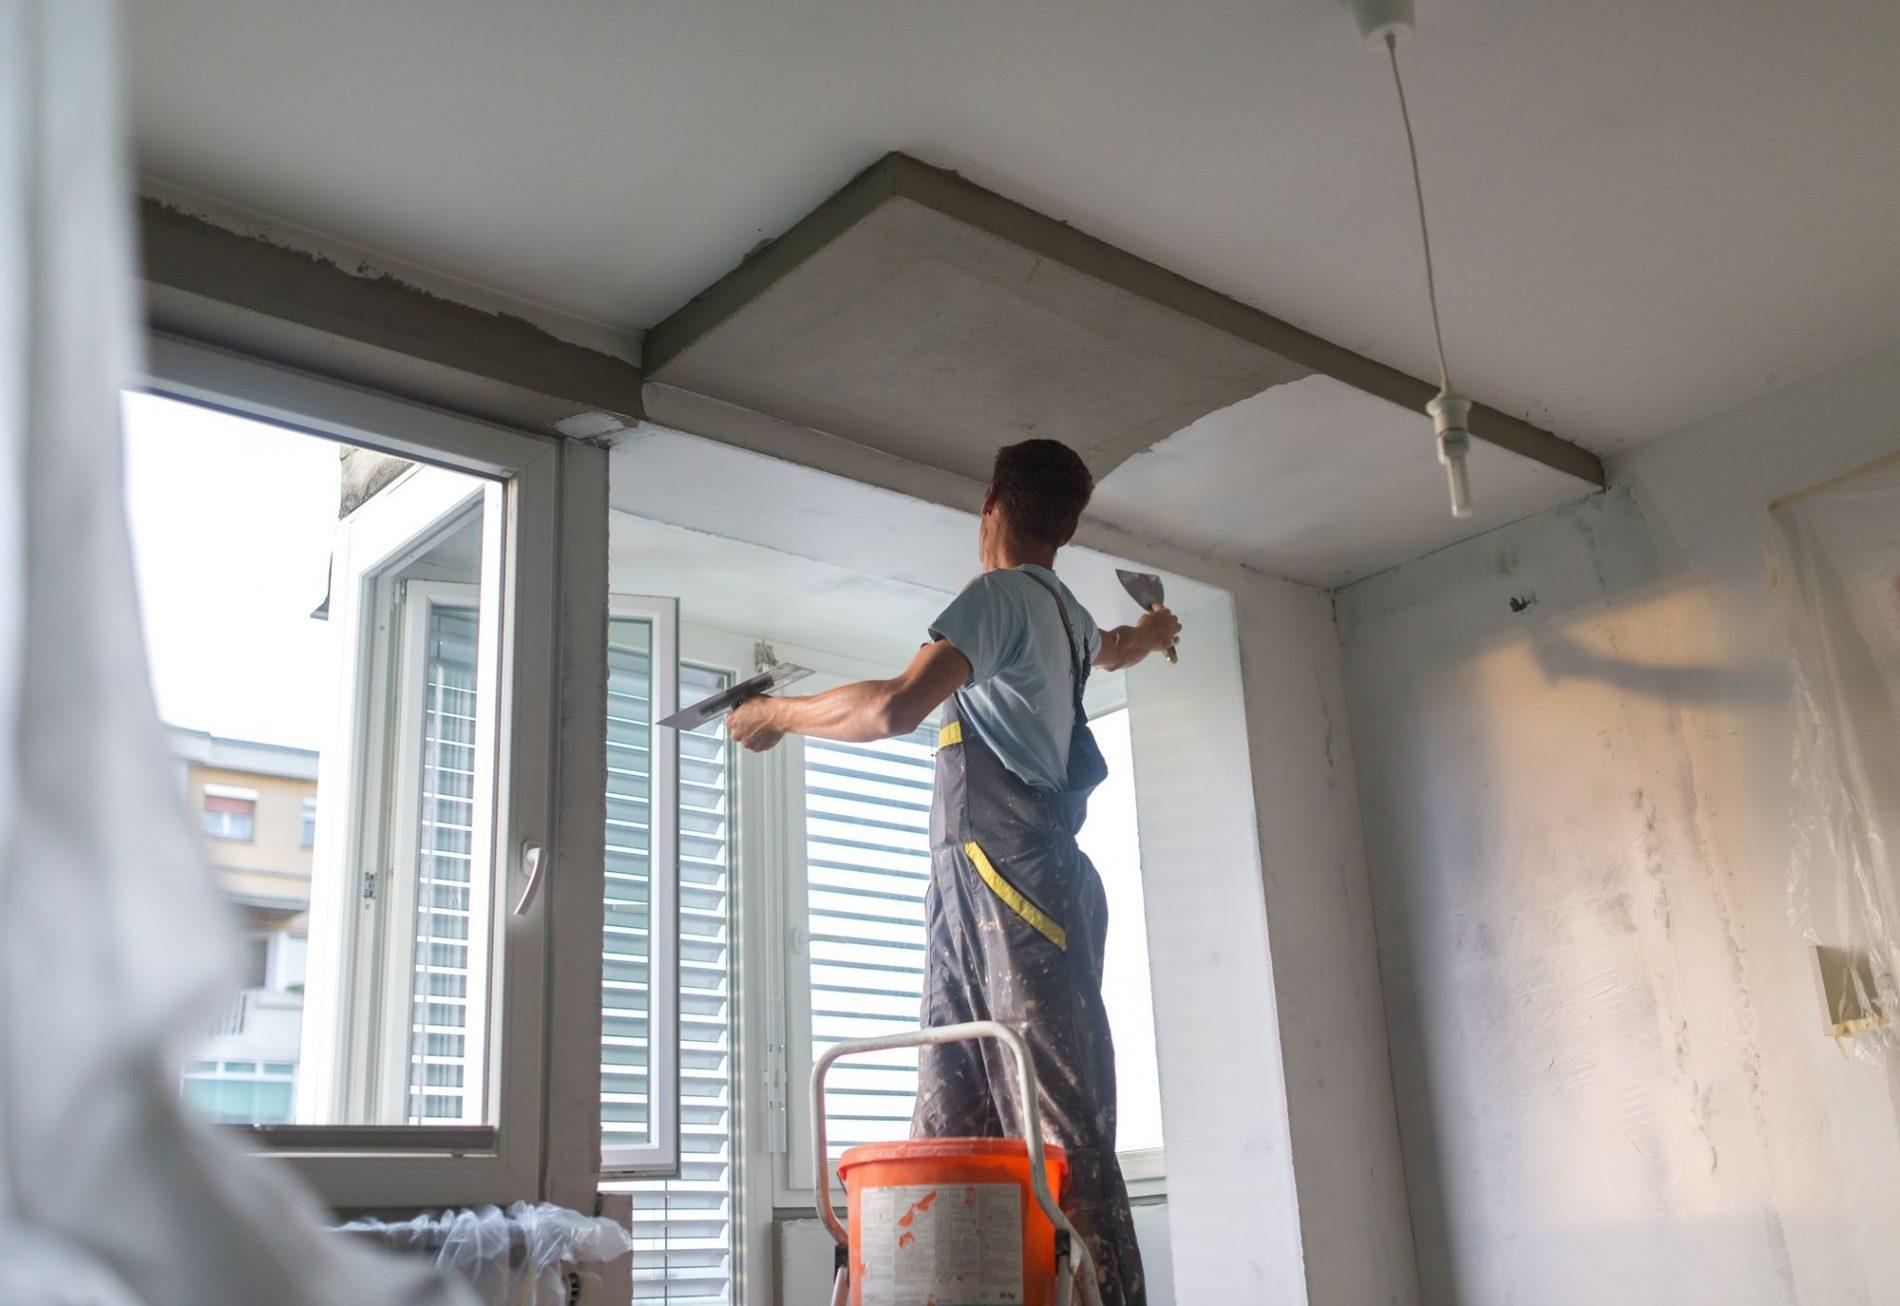 Comment Isoler Un Plafond Contre Le Bruit combien coûte l'isolation phonique ? prix, coût, devis